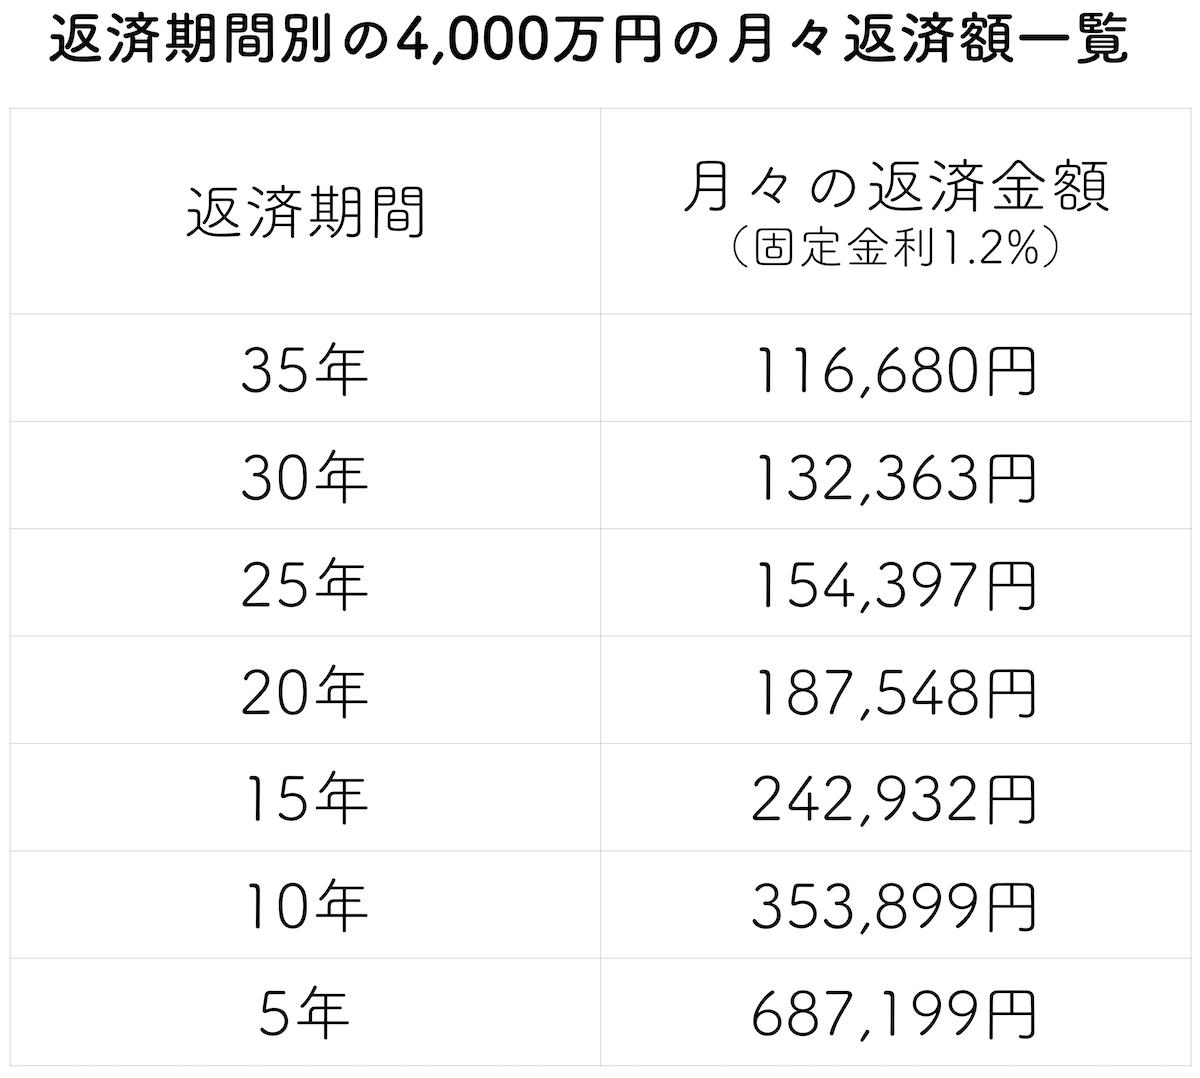 返済期間別の4000万円の住宅ローンの支払額目安表